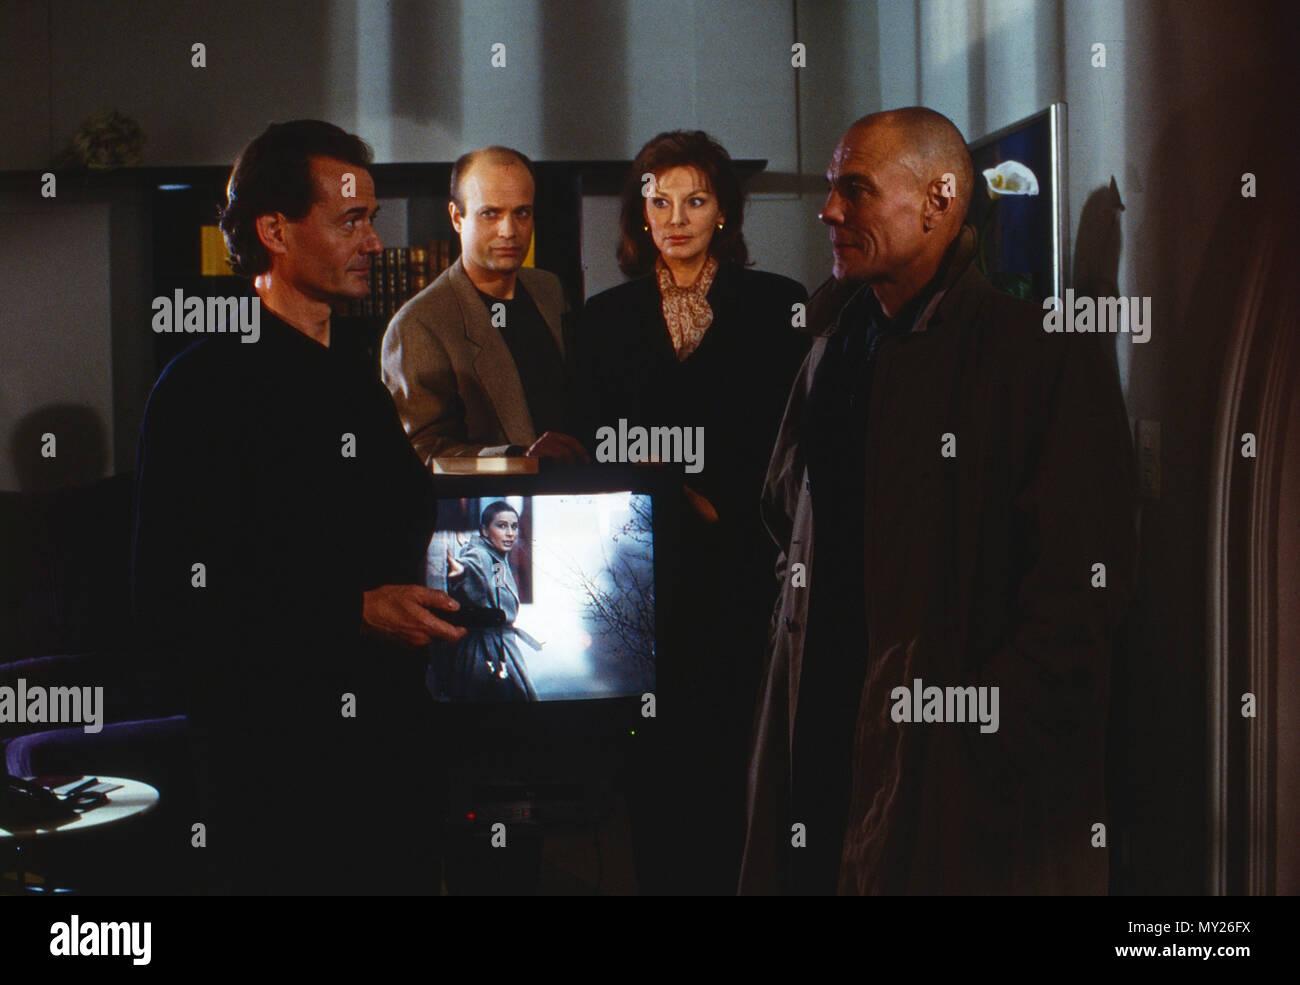 Der Mann ohne Schatten, Fernsehserie, Deutschland 1994, Darsteller: Gerd Böckmann, Christian Berkel, Evelyn Opela, Hans Peter Hallwachs - Stock Image